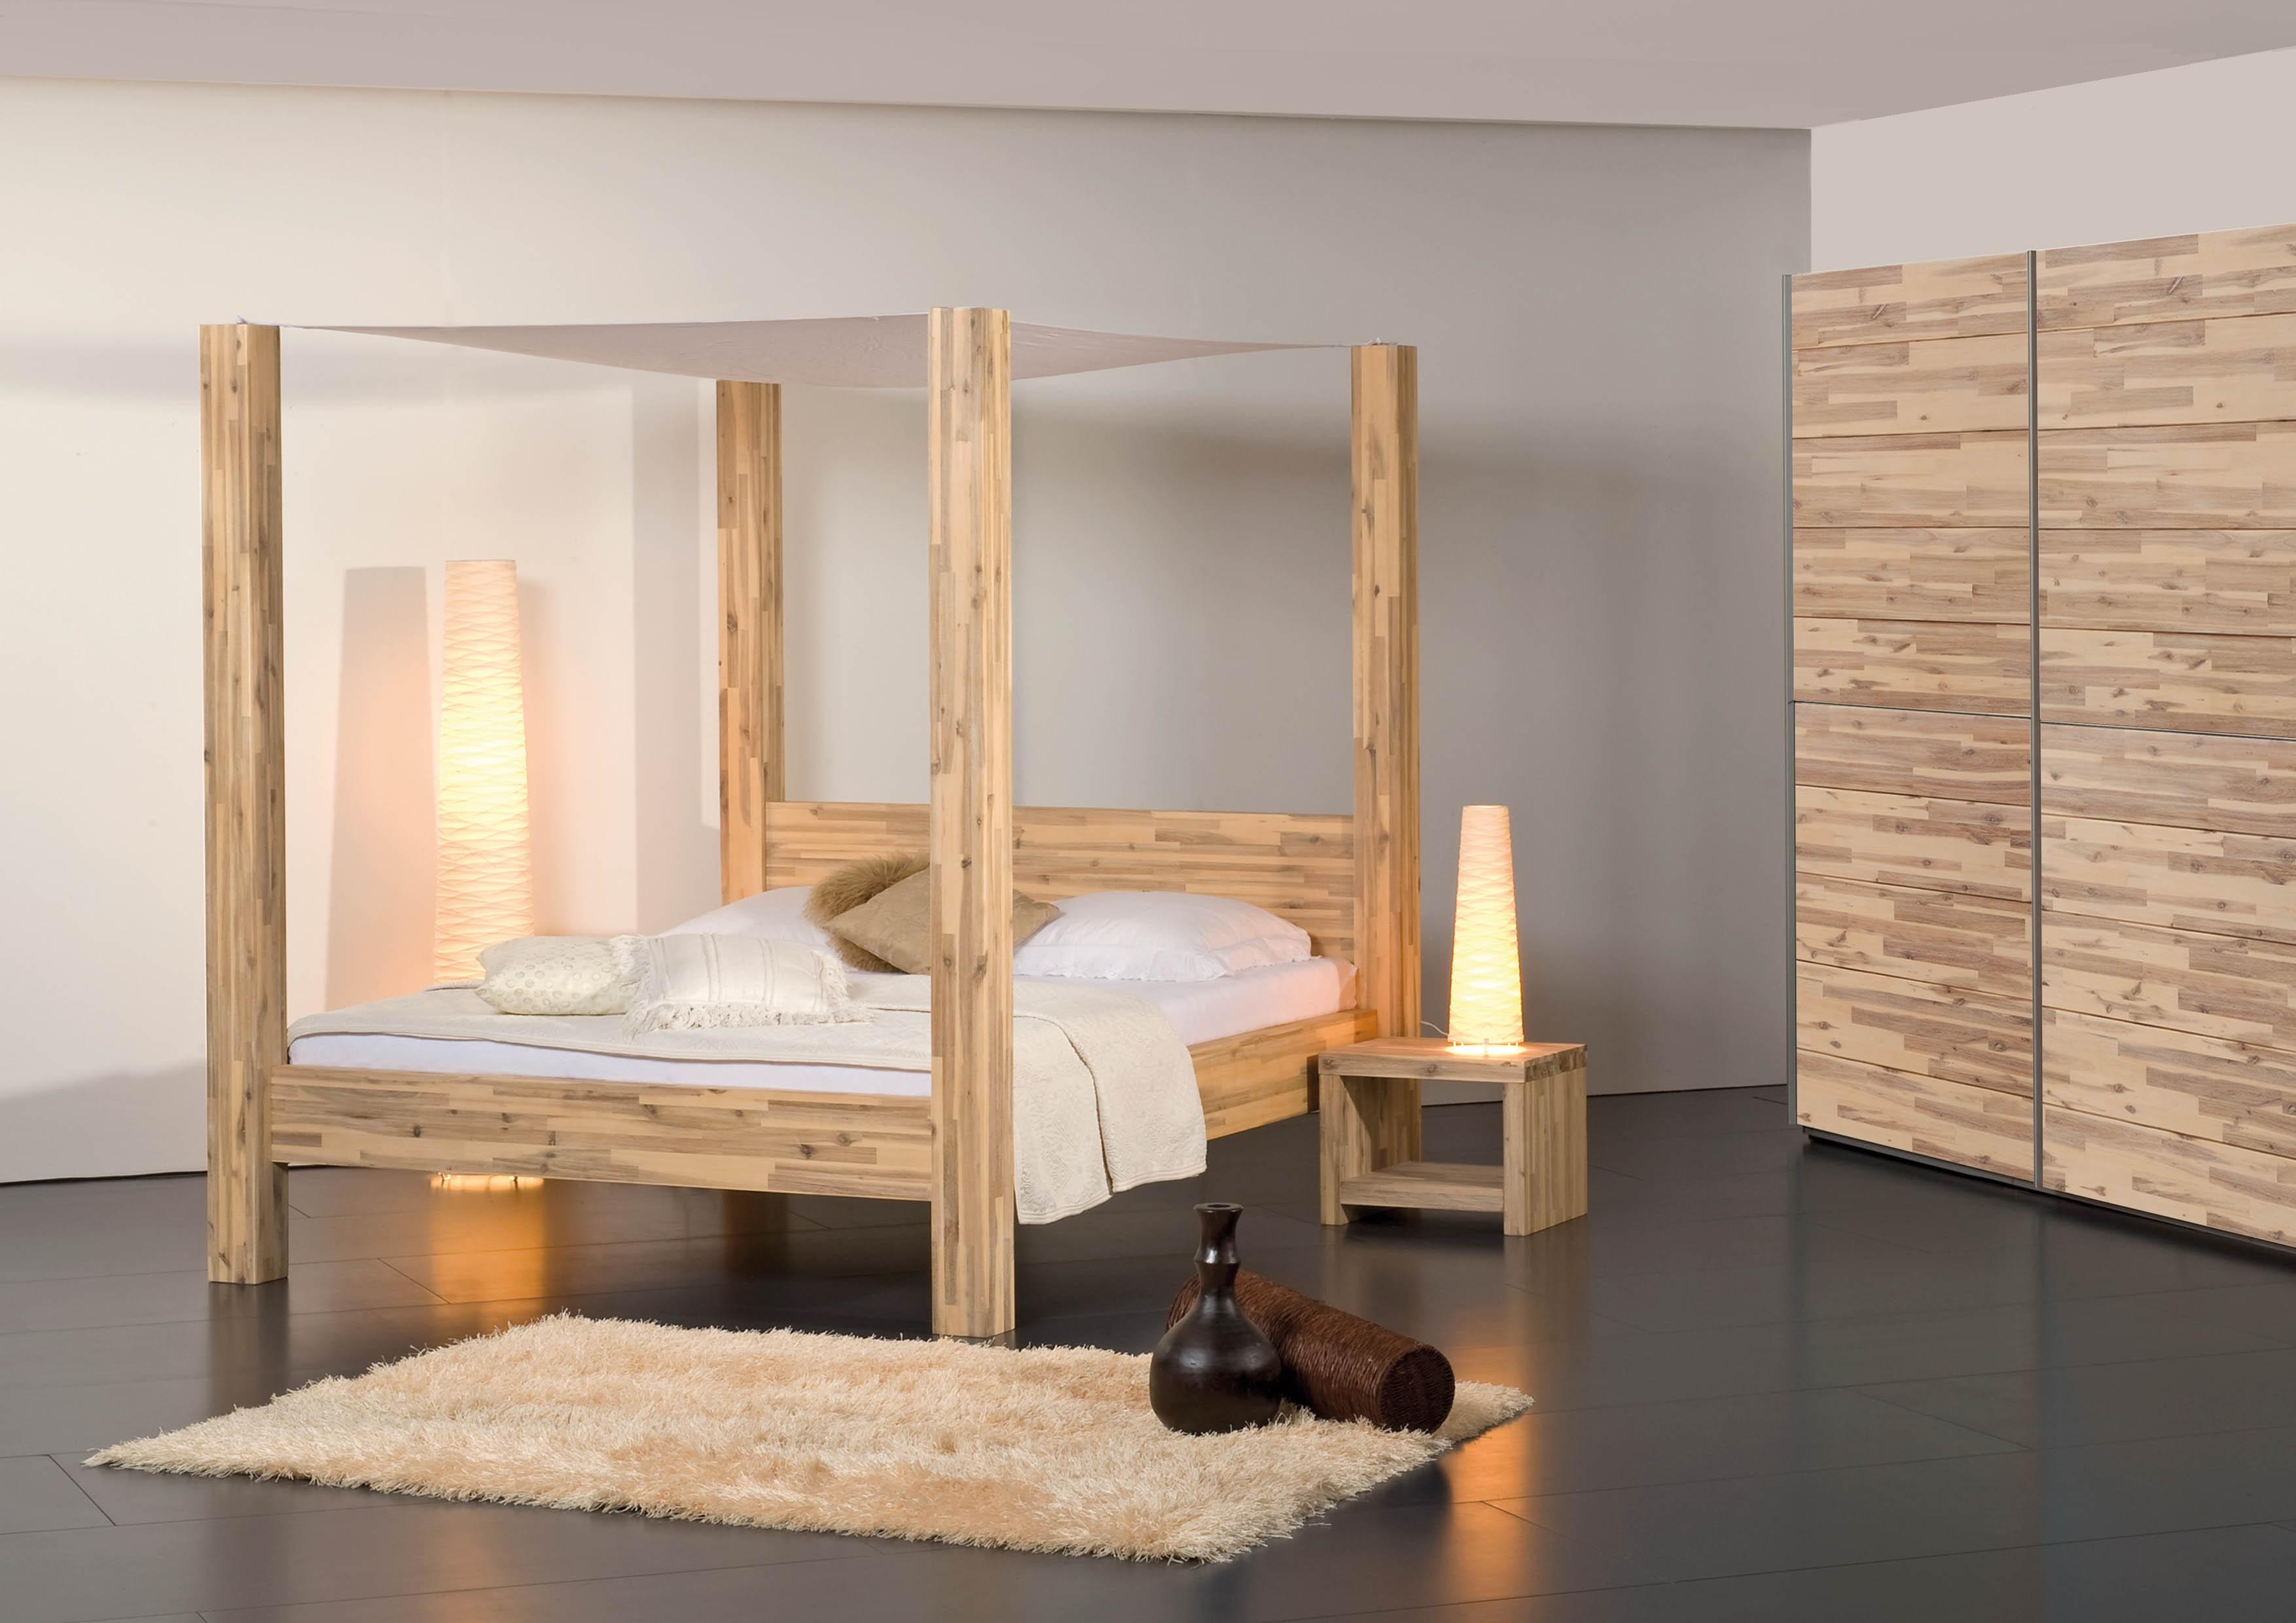 Himmelbett aus holz selber machen  Suche ein richtig schönes Himmelbett! (schlafen)